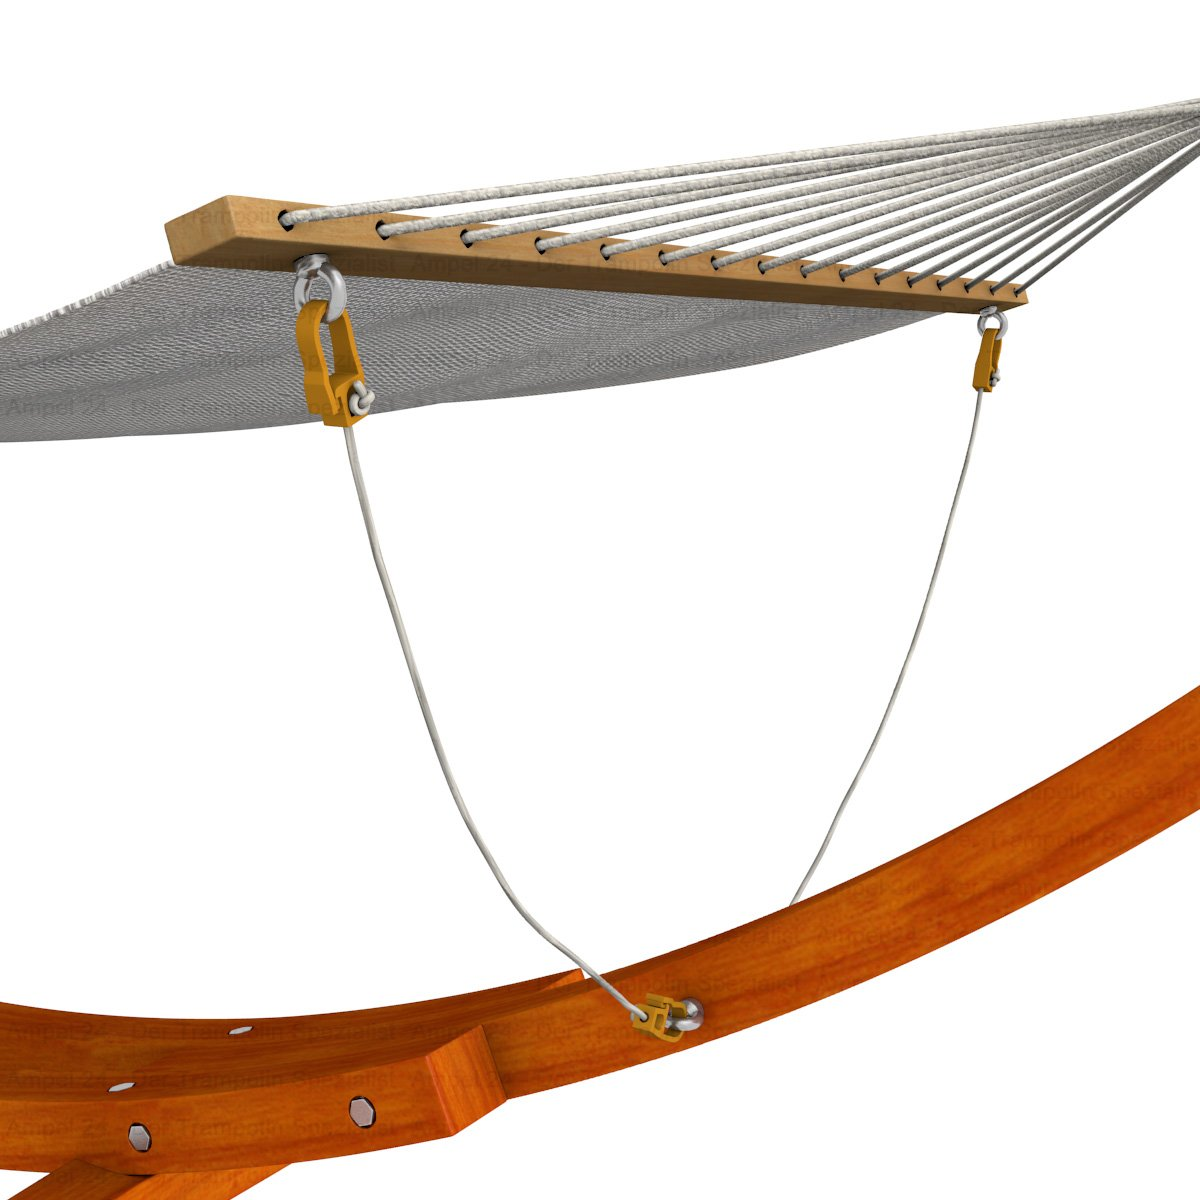 Ampel 24 Transportrollen Set f/ür H/ängemattengestell aus Holz erleichtert das Verschieben 2 R/äder kugelgelagert 120 kg belastbar